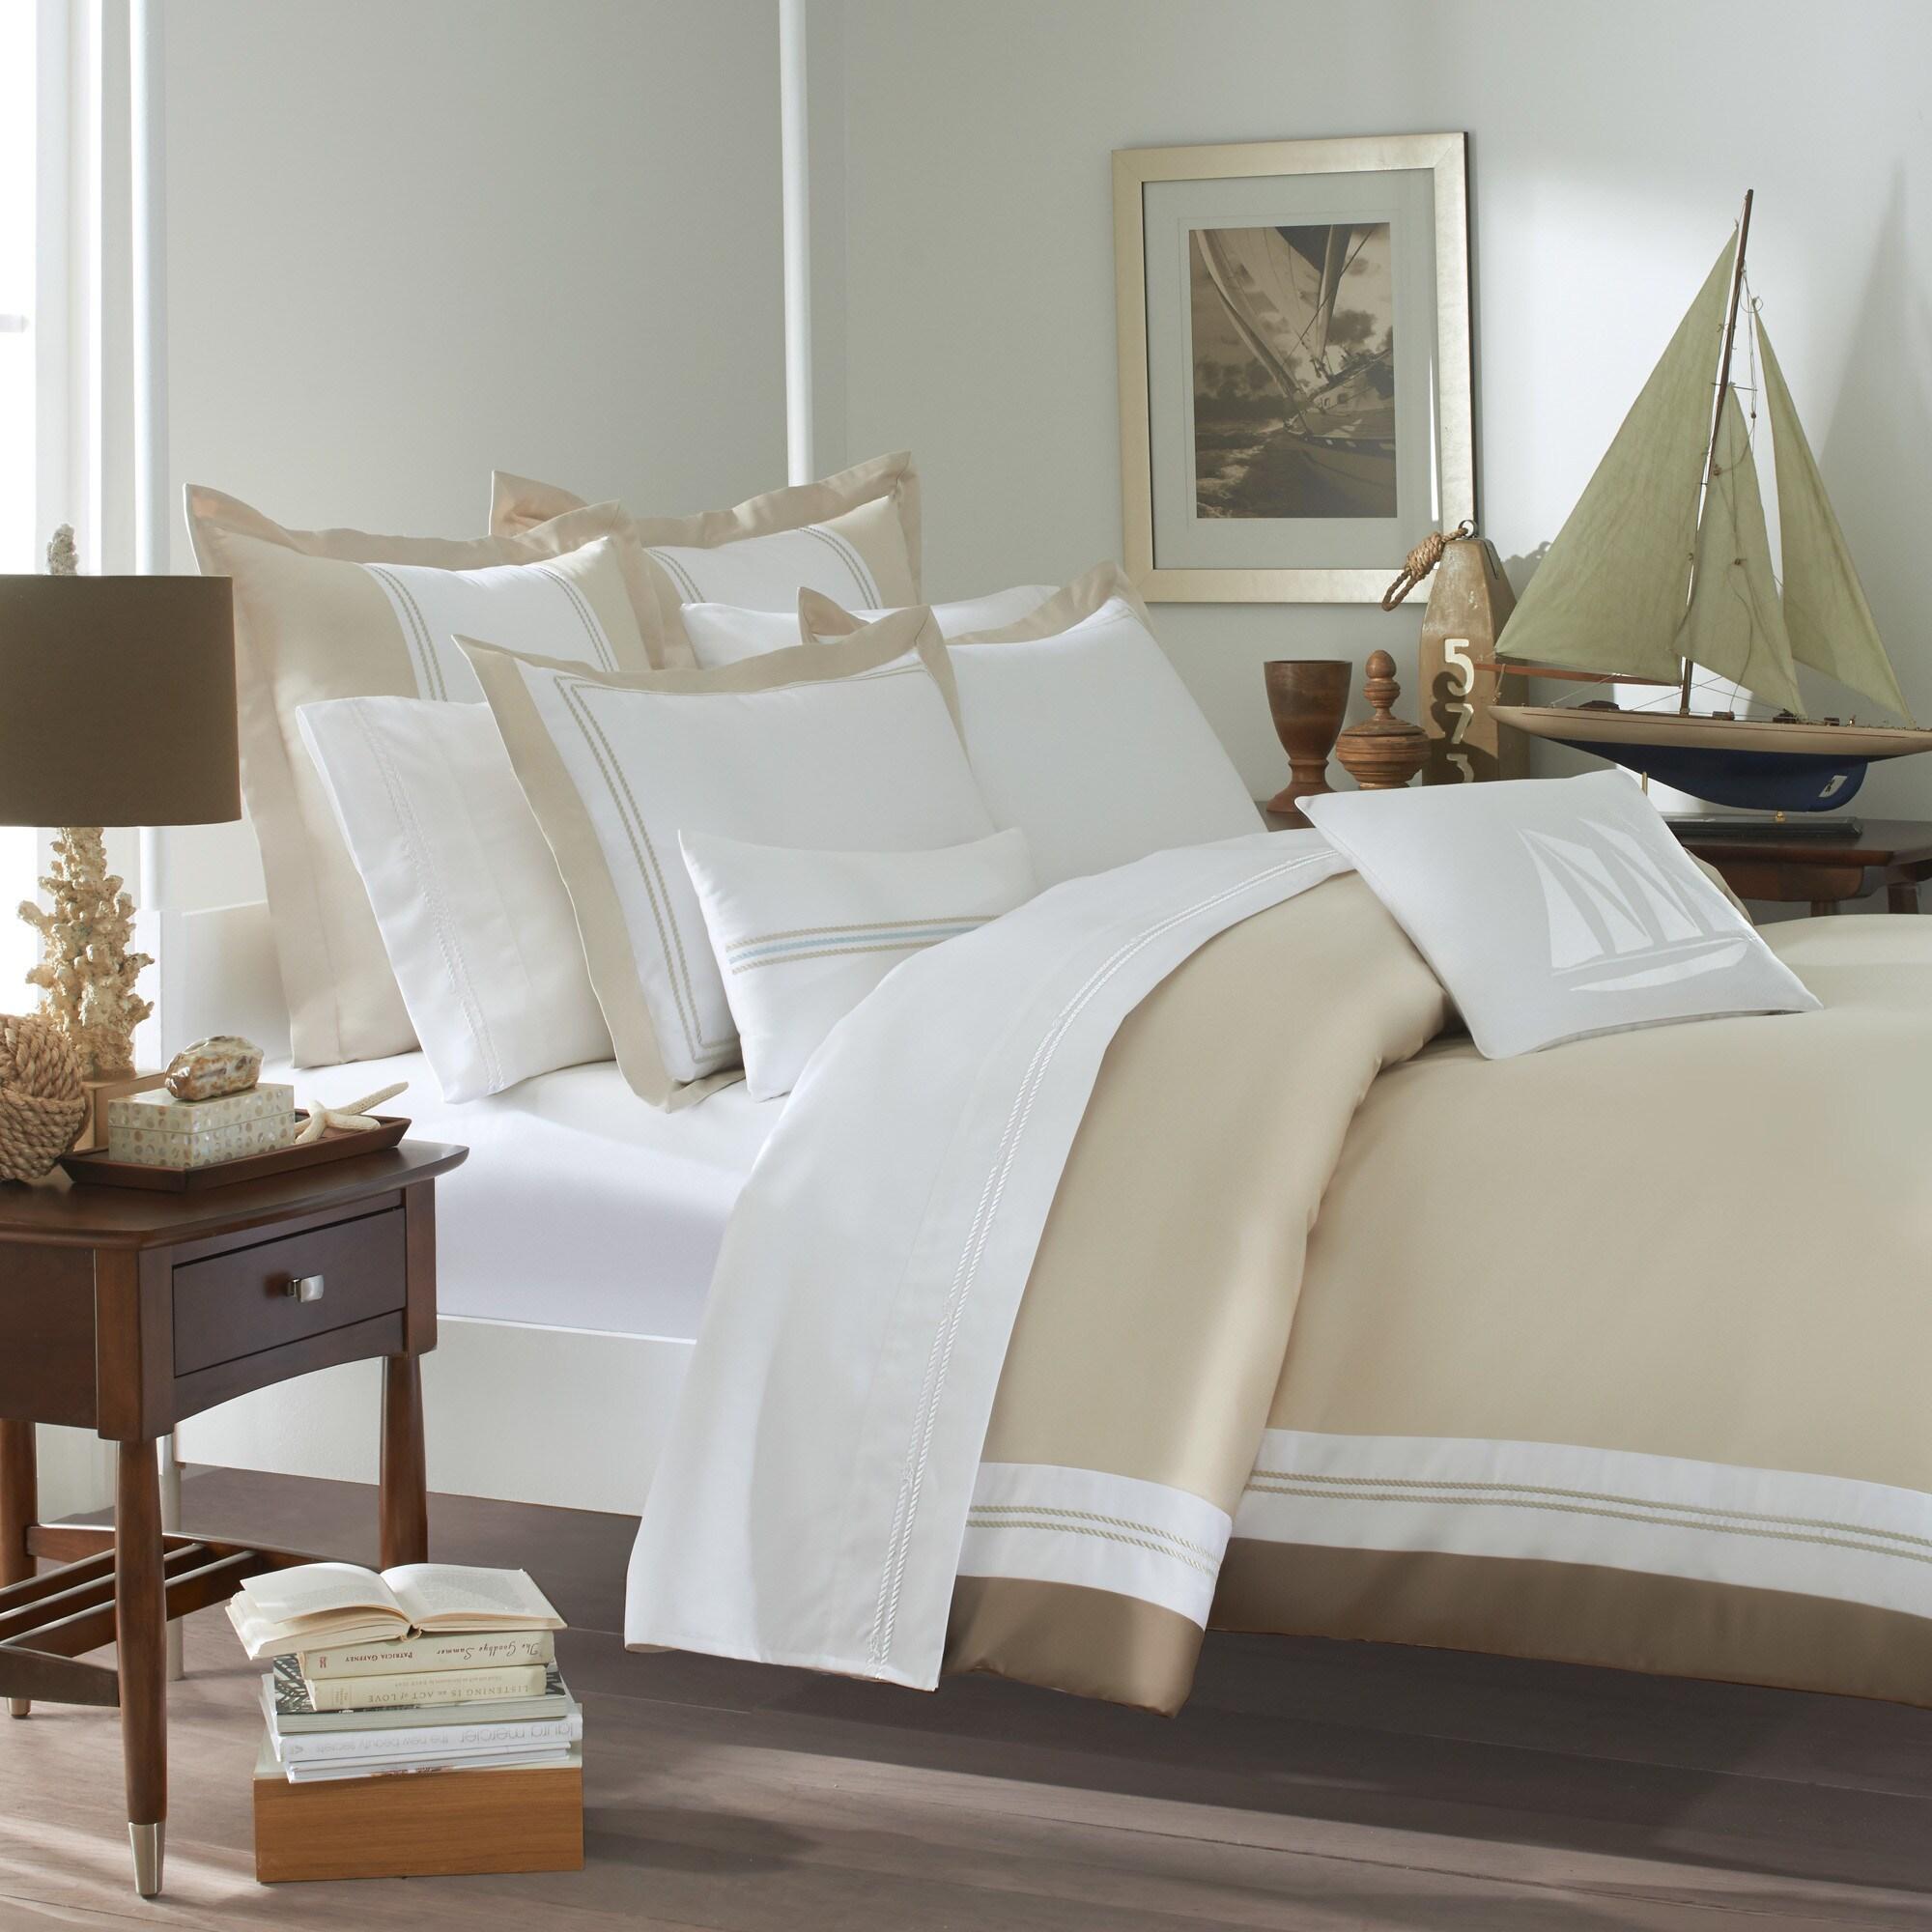 sham free with skipjack tide elegant euro comforter bedding southern summerville tossed